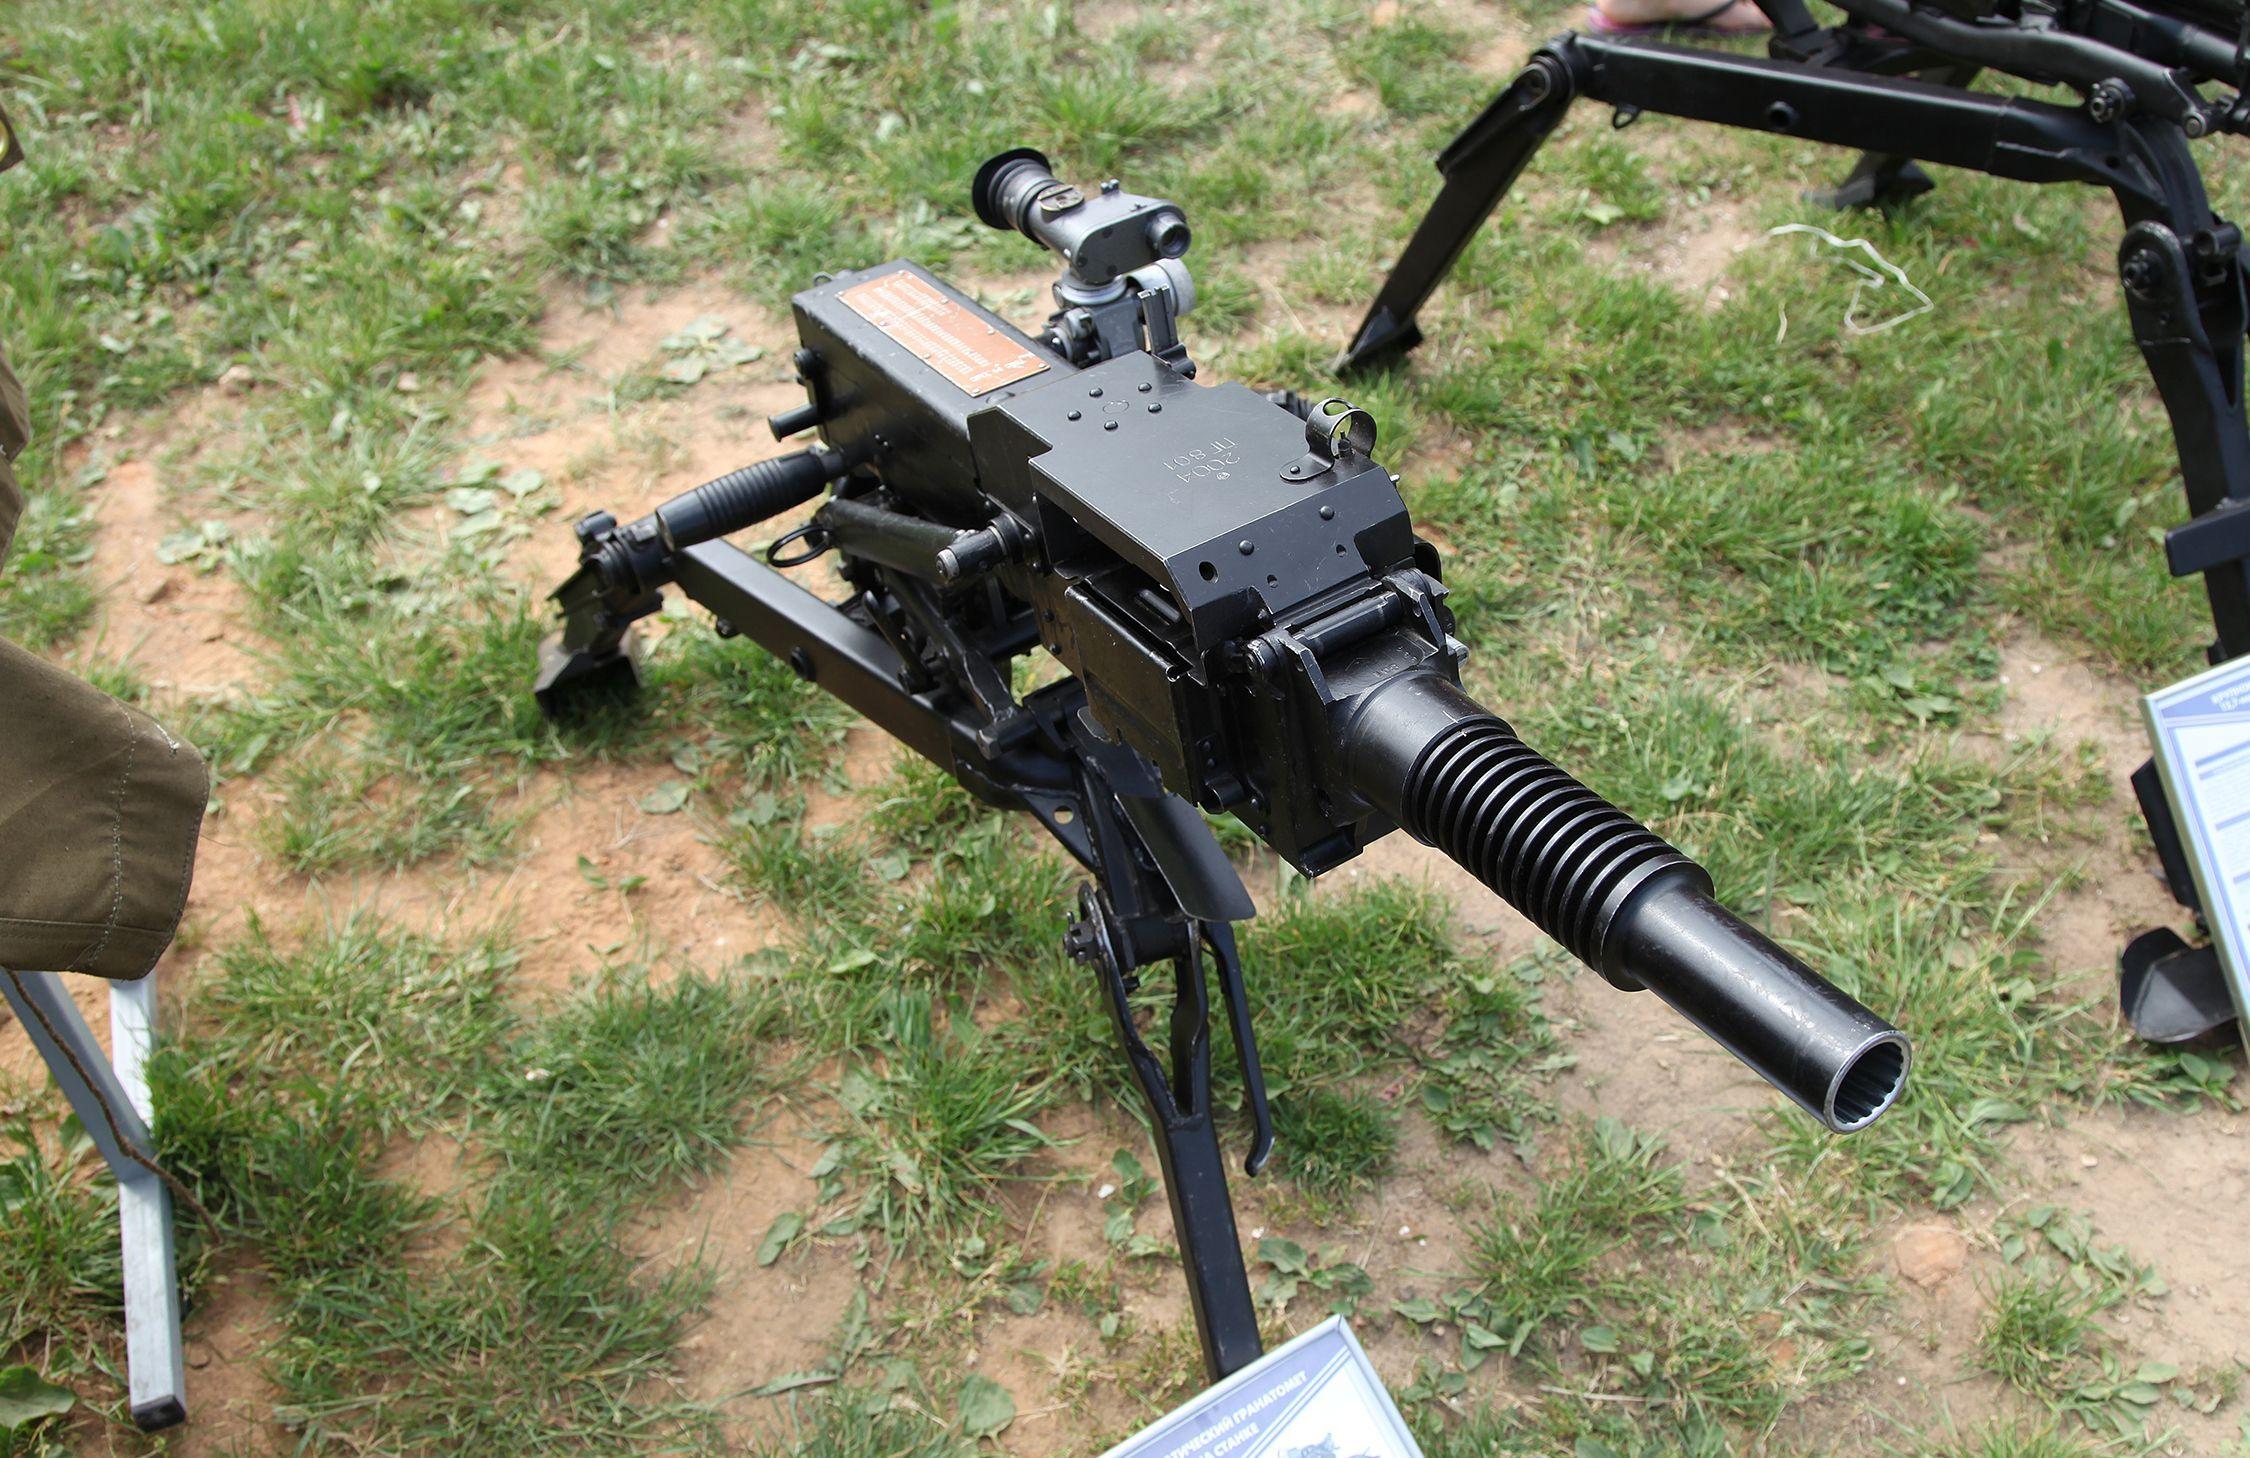 Техника войны: Мощный гранатомет АГС-17 на Донбассе. Бракованные БТР-4 - Новости Украины - 24 Канал